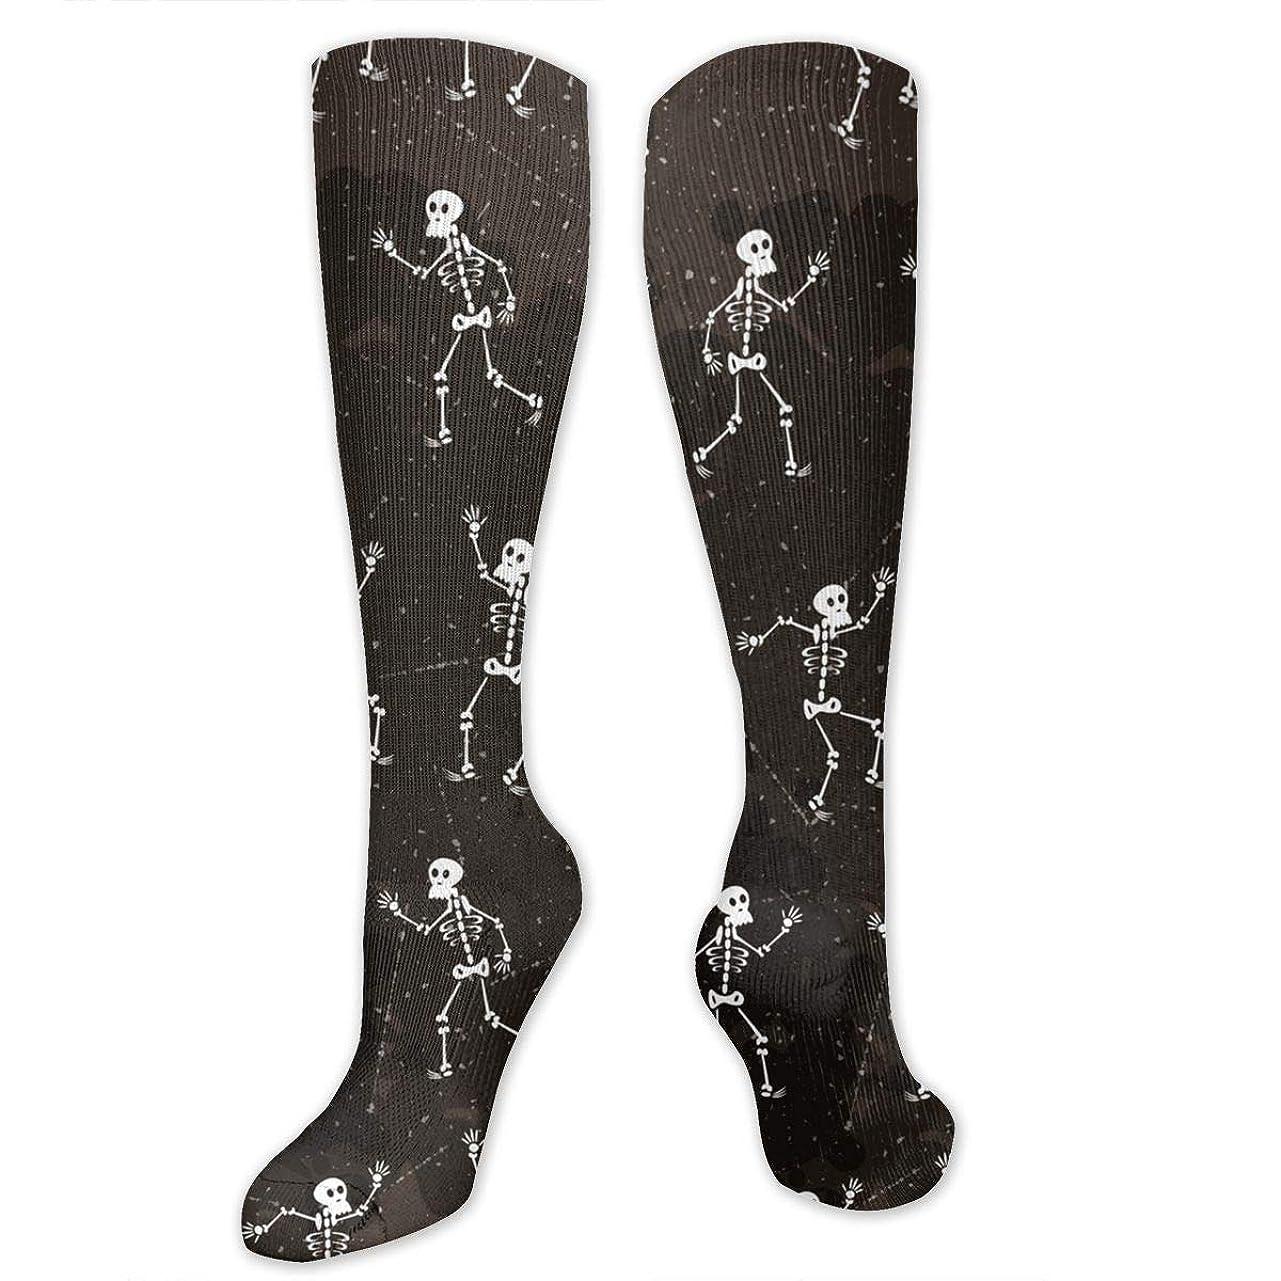 うれしい生き物円形の靴下,ストッキング,野生のジョーカー,実際,秋の本質,冬必須,サマーウェア&RBXAA Women's Winter Cotton Long Tube Socks Knee High Graduated Compression Socks Halloween Socks